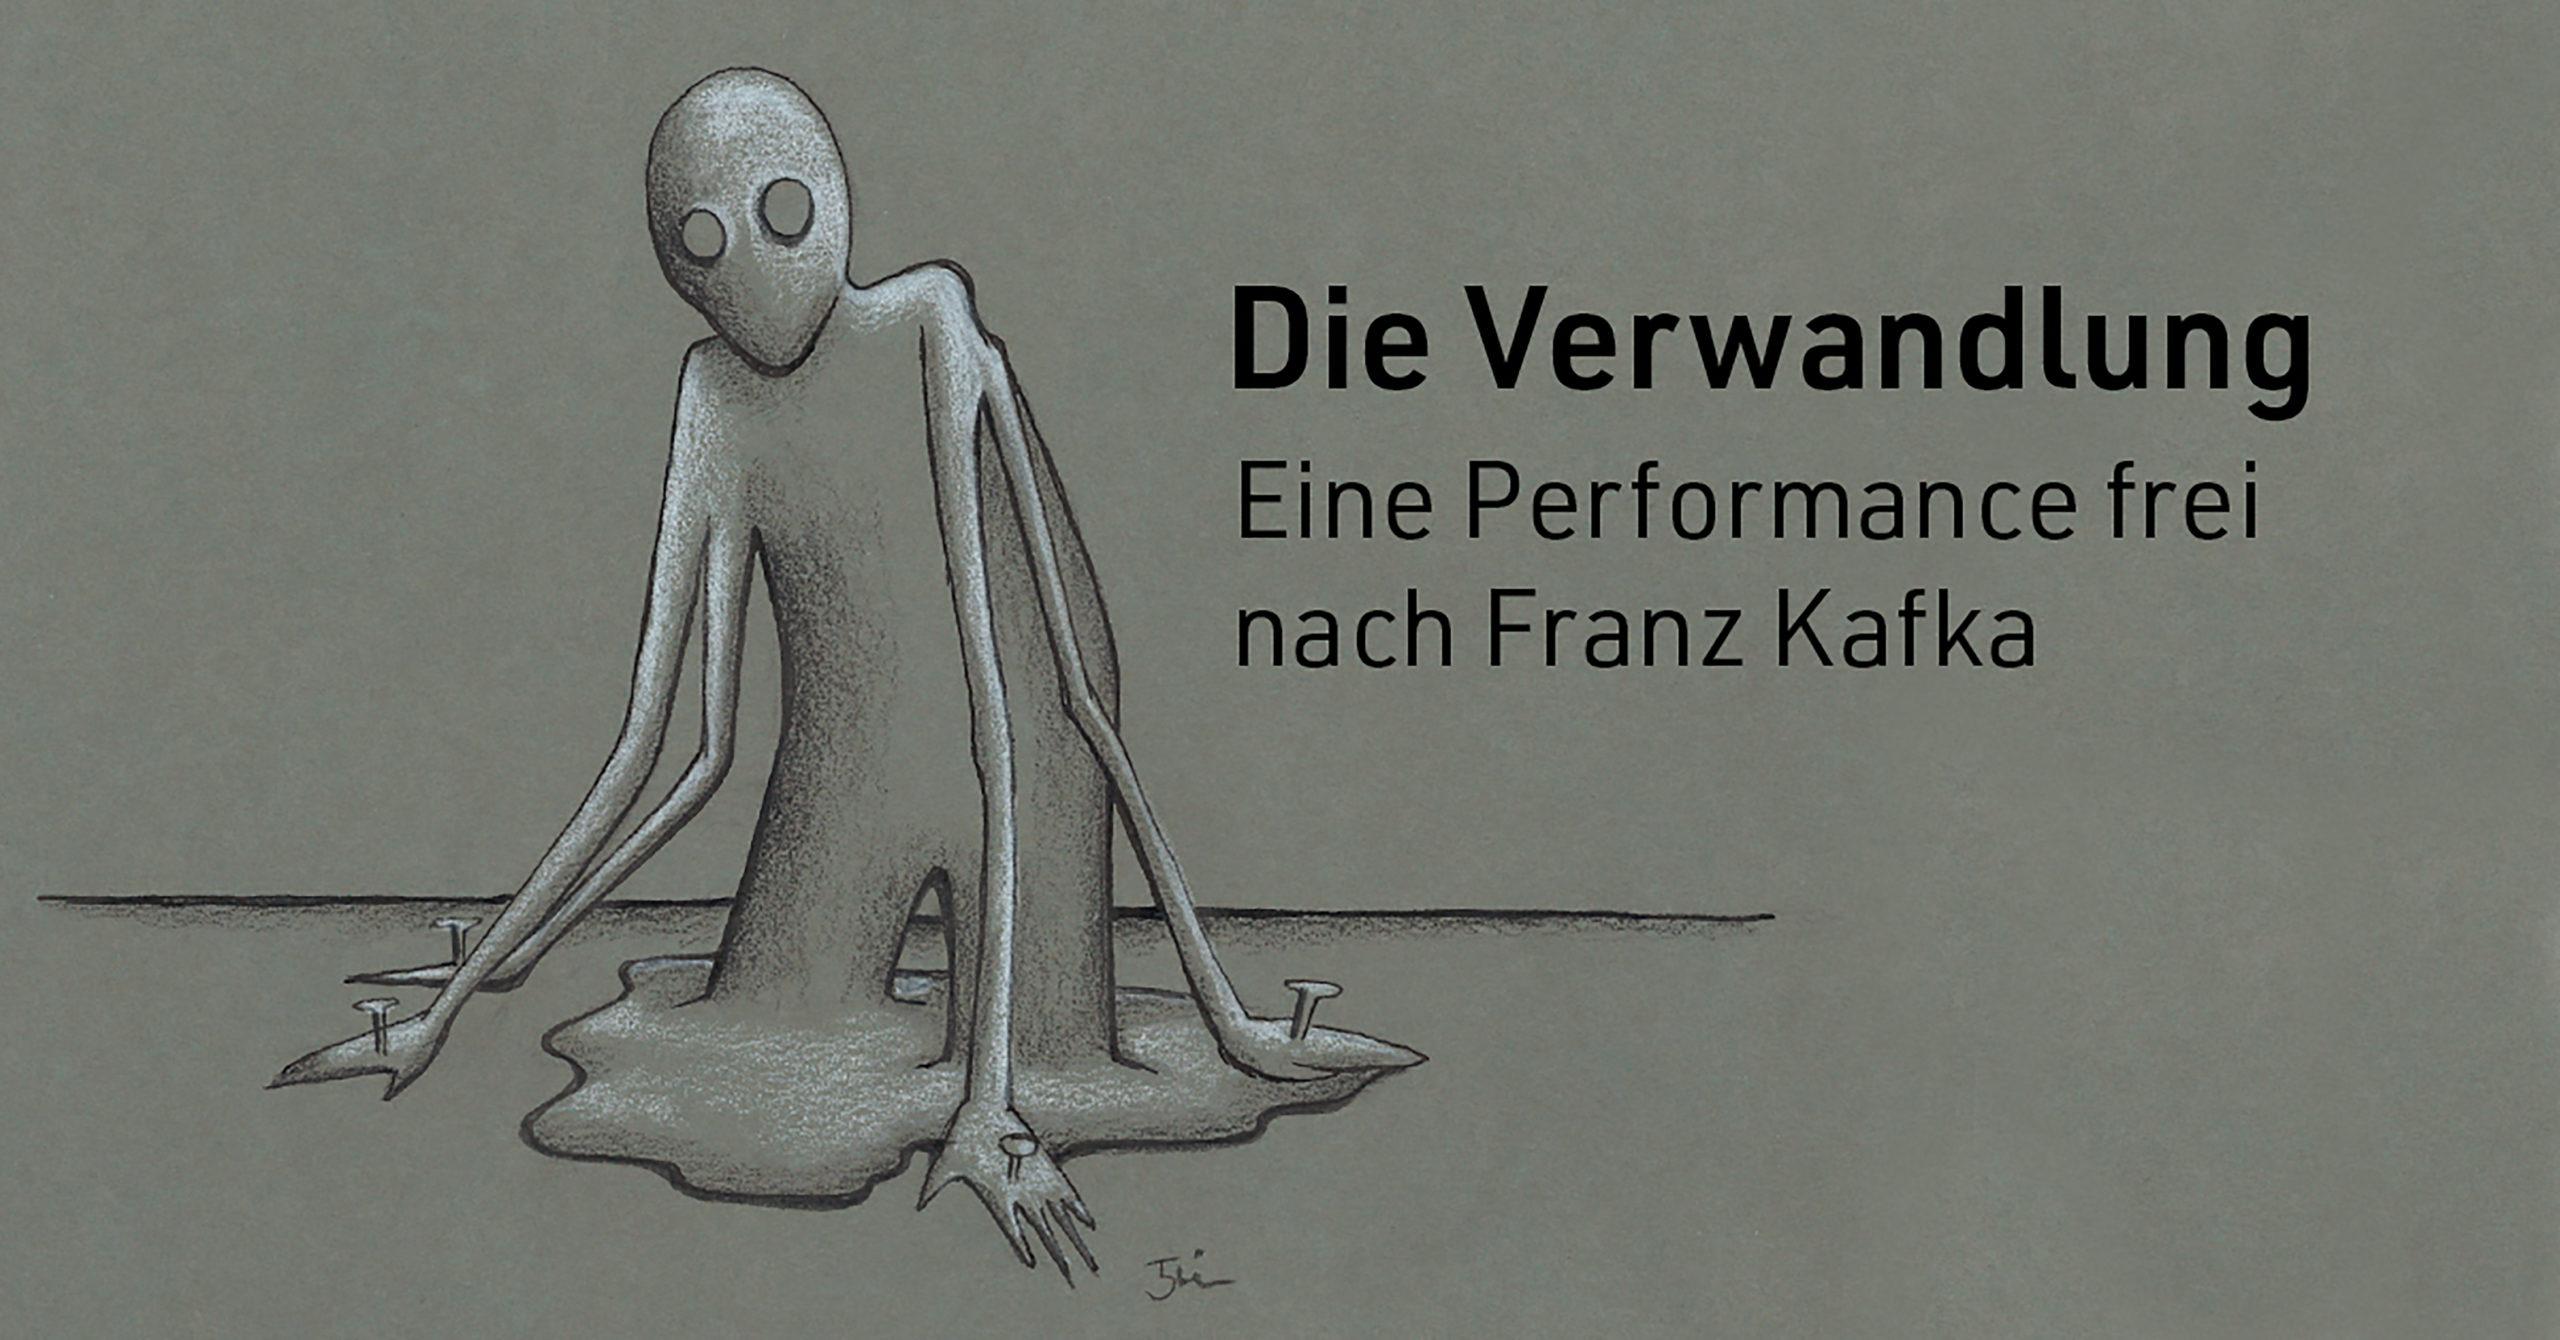 ABGESAGT Die Verwandlung - Eine Performance frei nach Franz Kafka